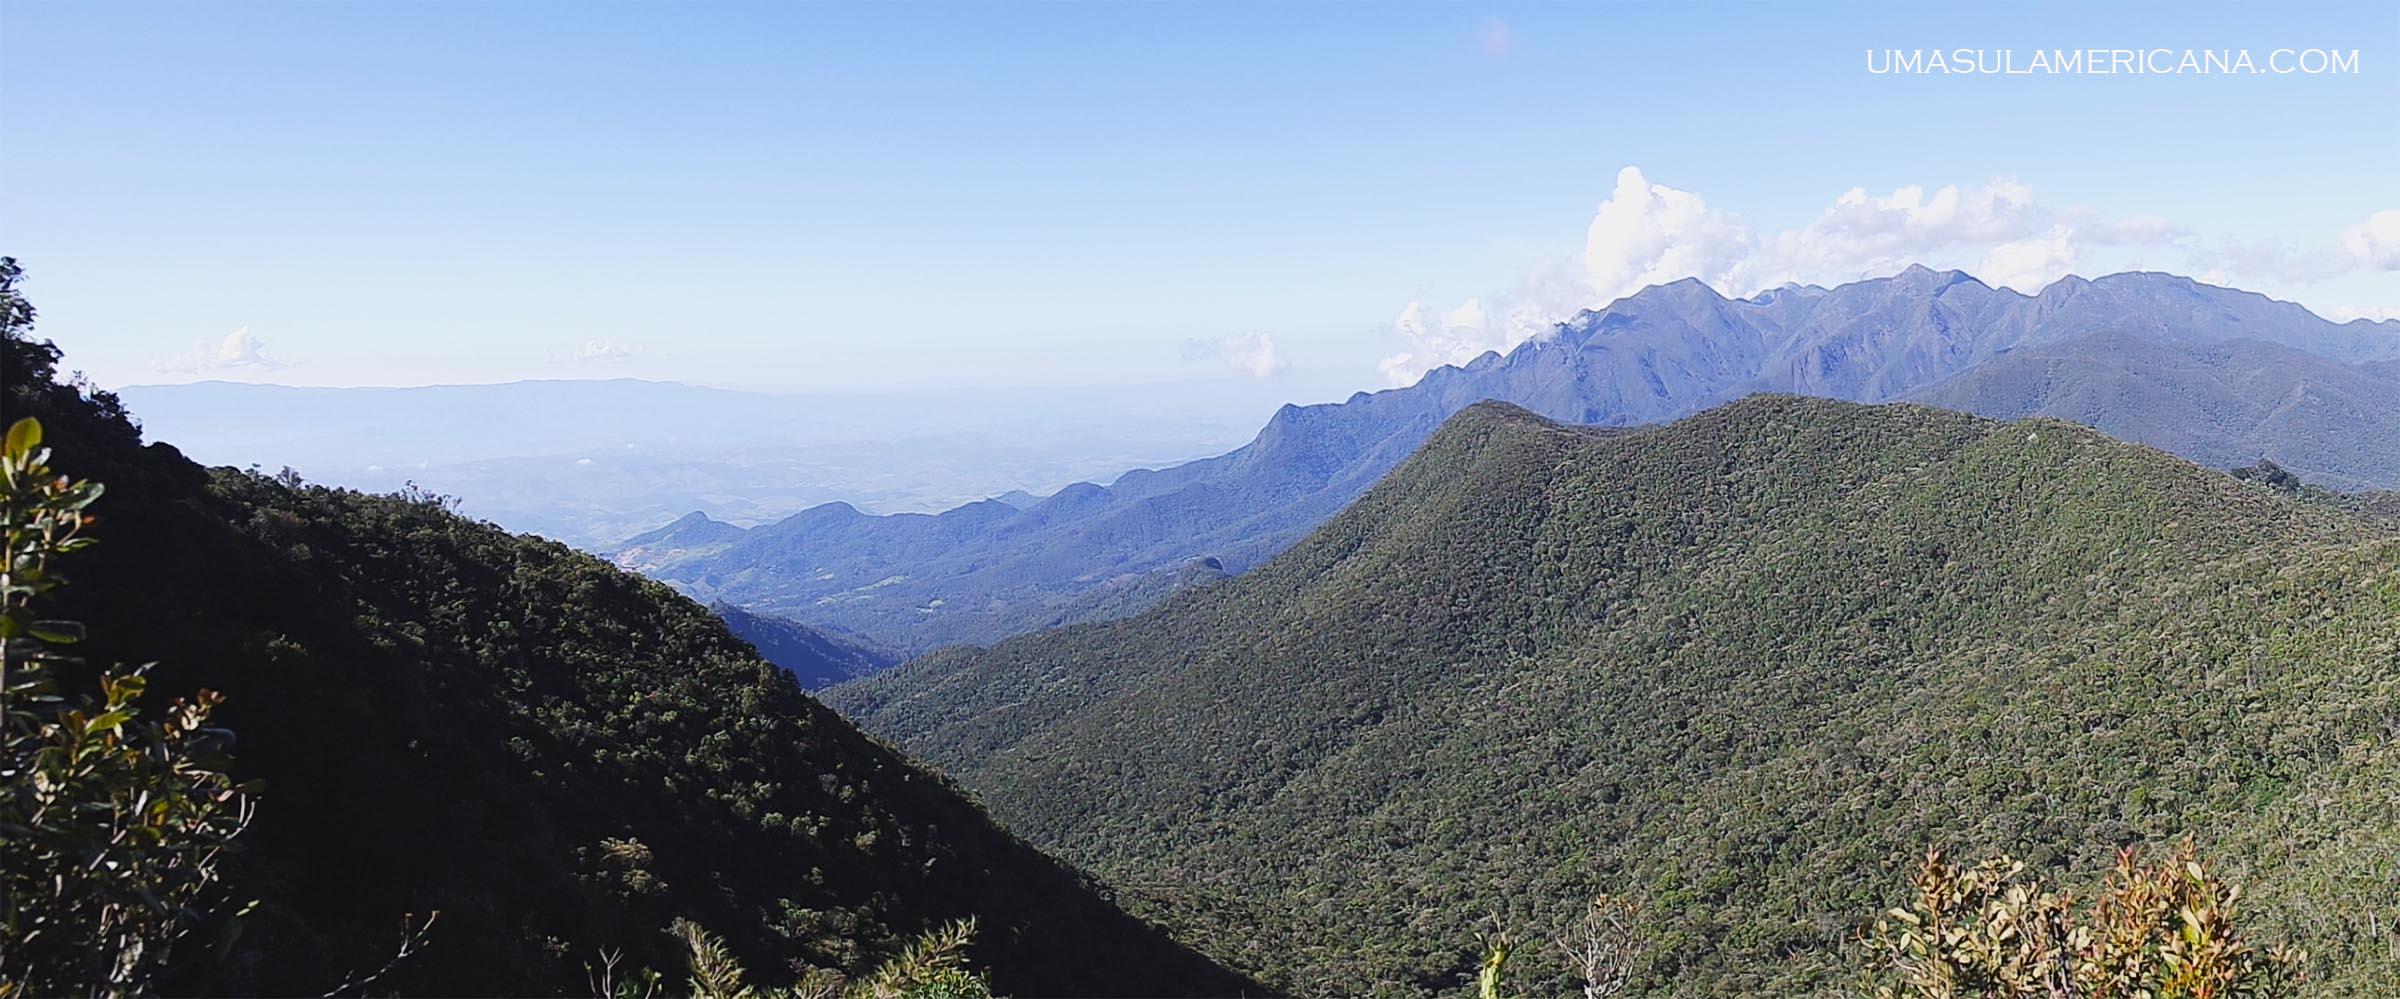 Visão da estrada - Final de semana no Parque Itatiaia - Trilhas na parte alta